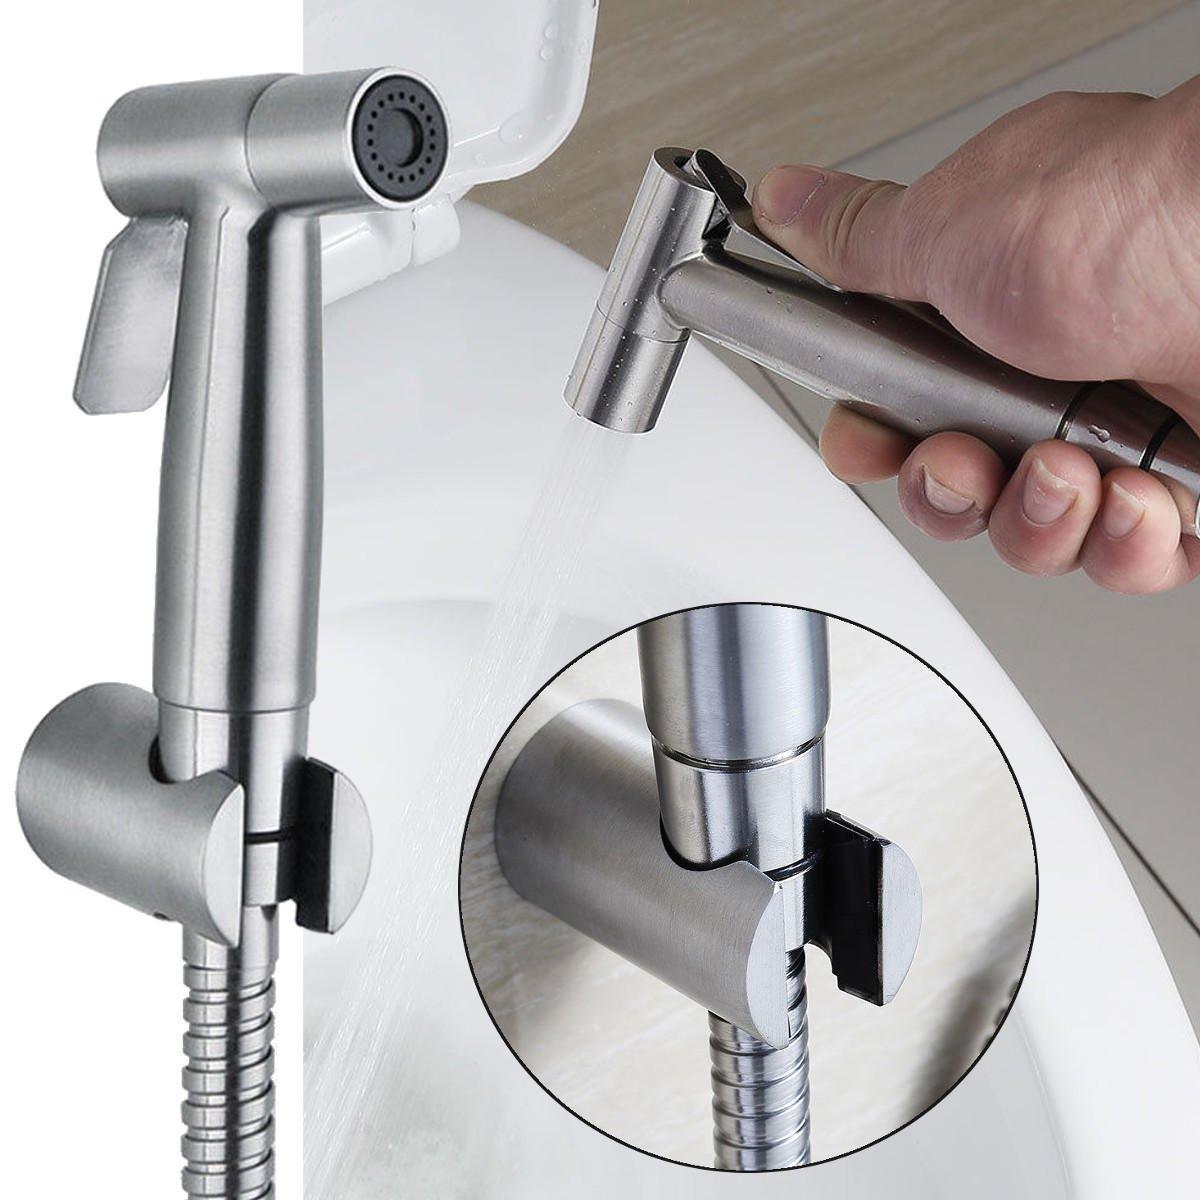 Amazon.com: Lavish Hosepipe – Juego de ducha de acero ...